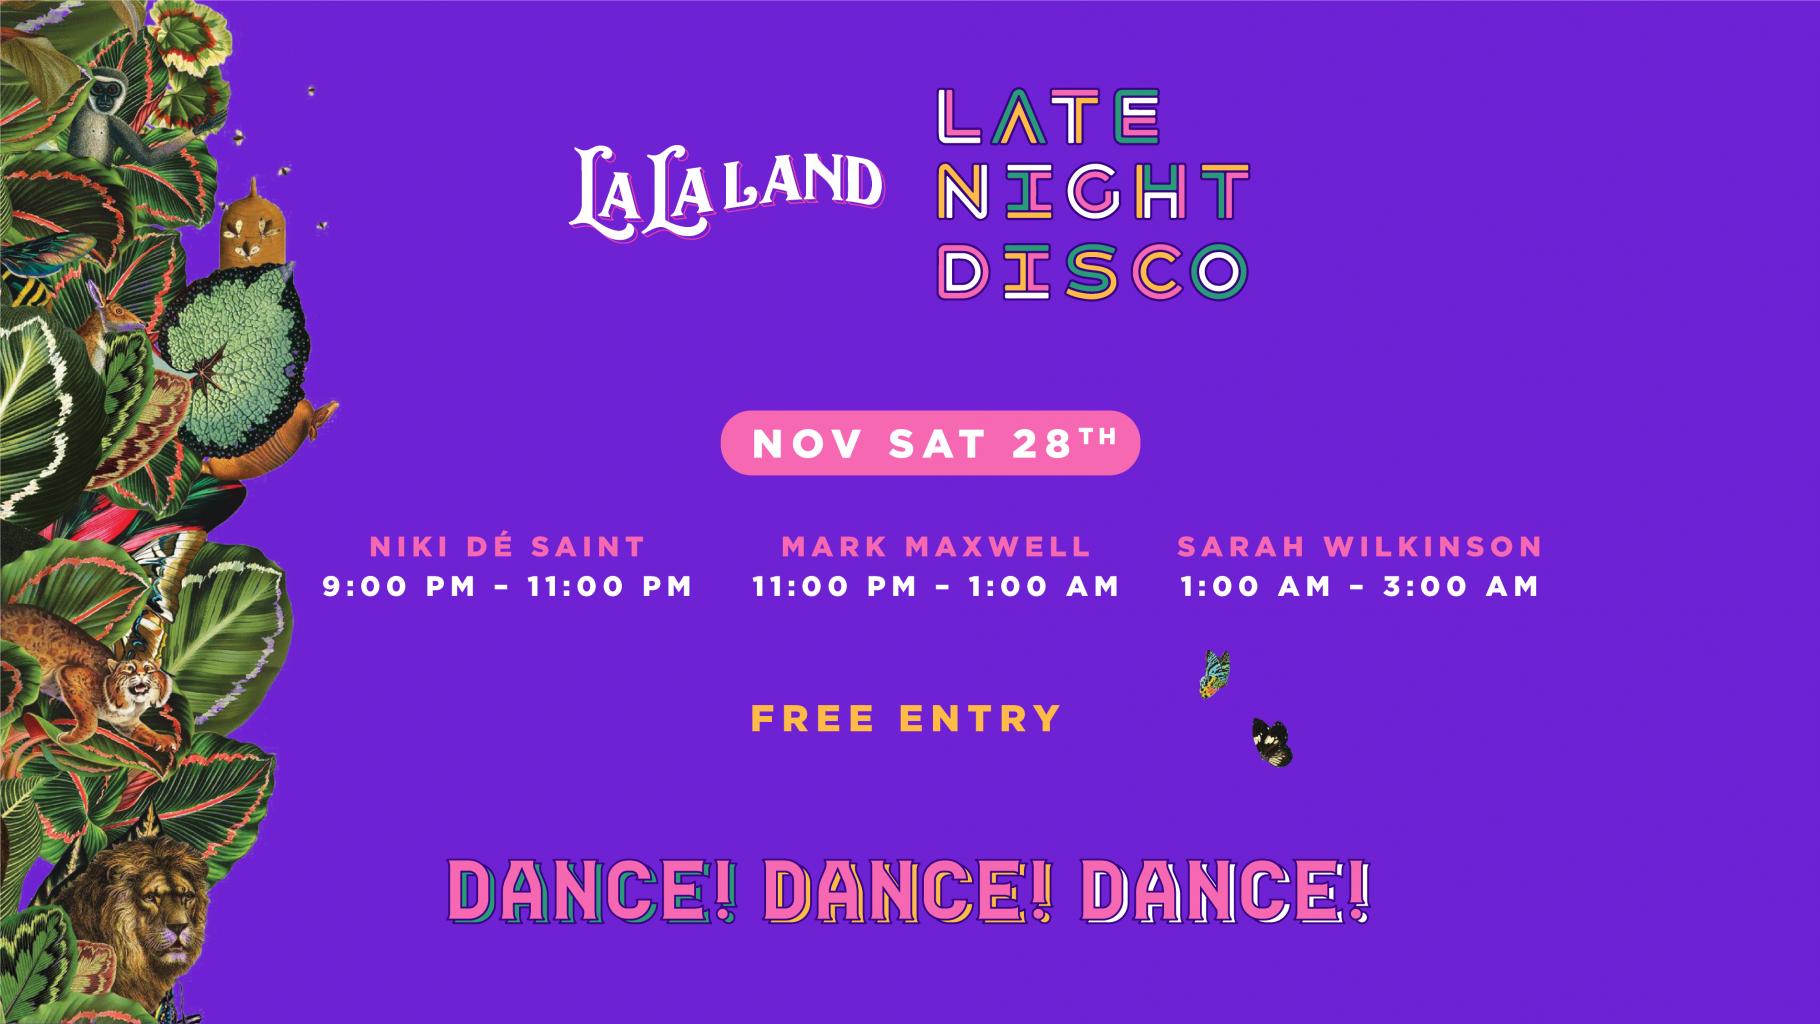 La La Land Late Night Disco – Saturday 28th November